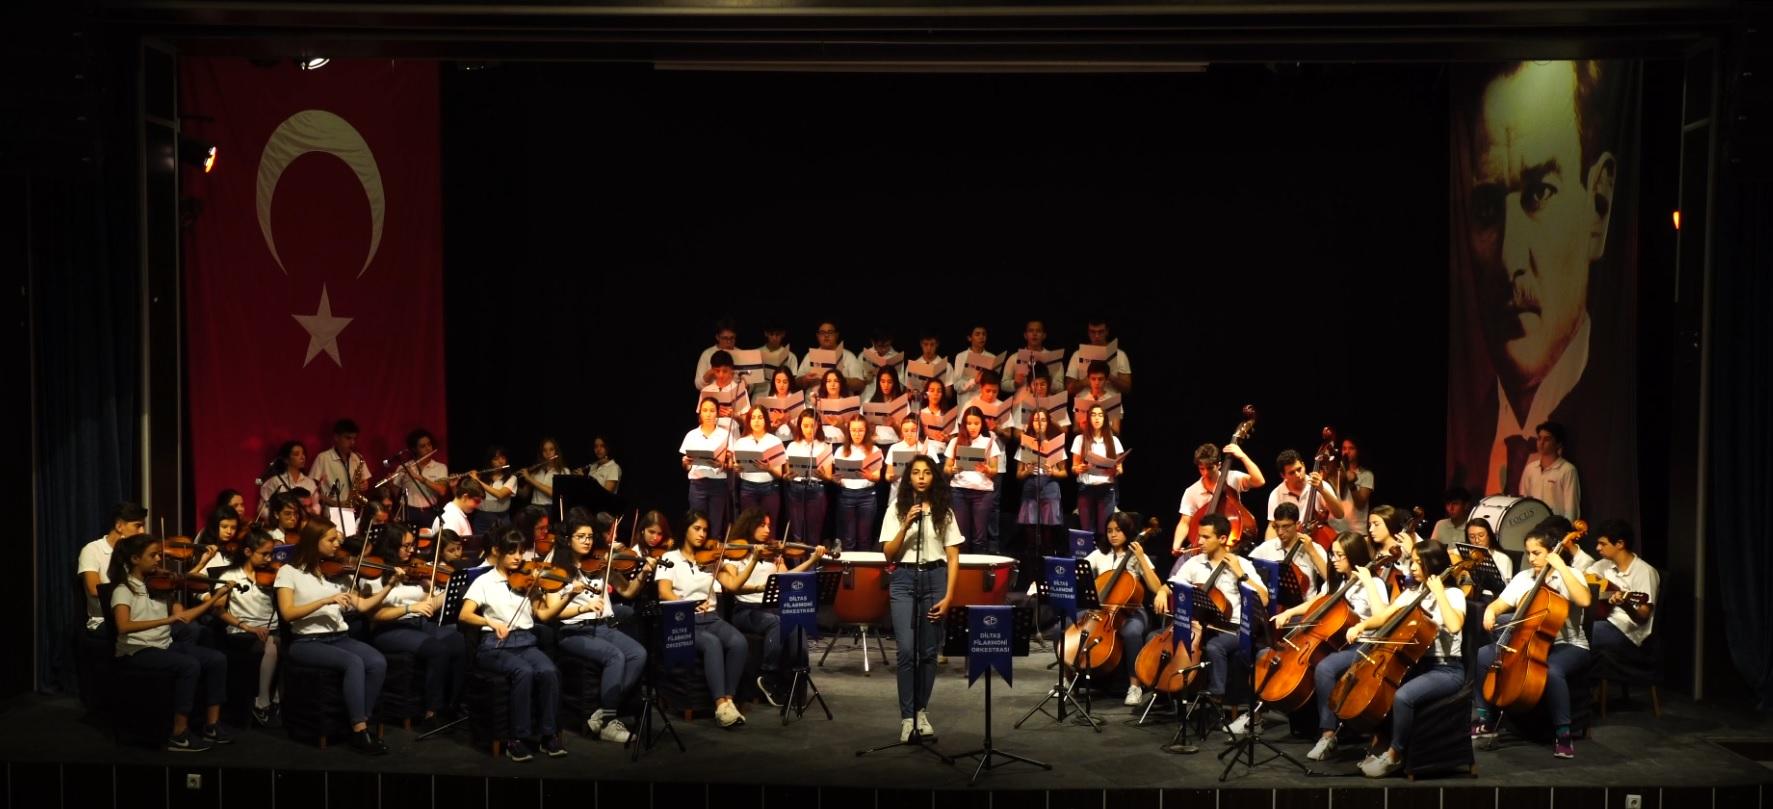 Diltaş, muhteşem bir konserle Mehmetçiği selamlıyor